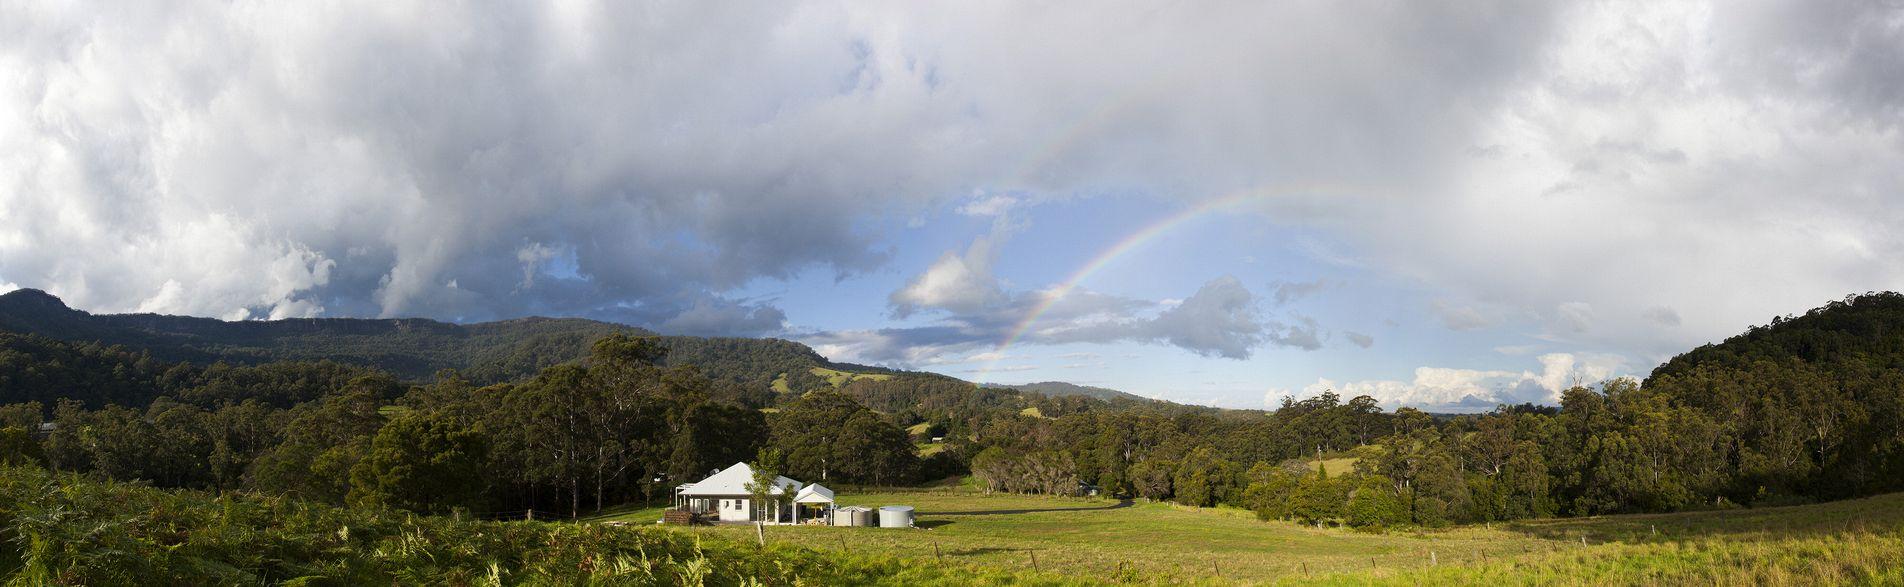 Rainbow Over Wilderberry